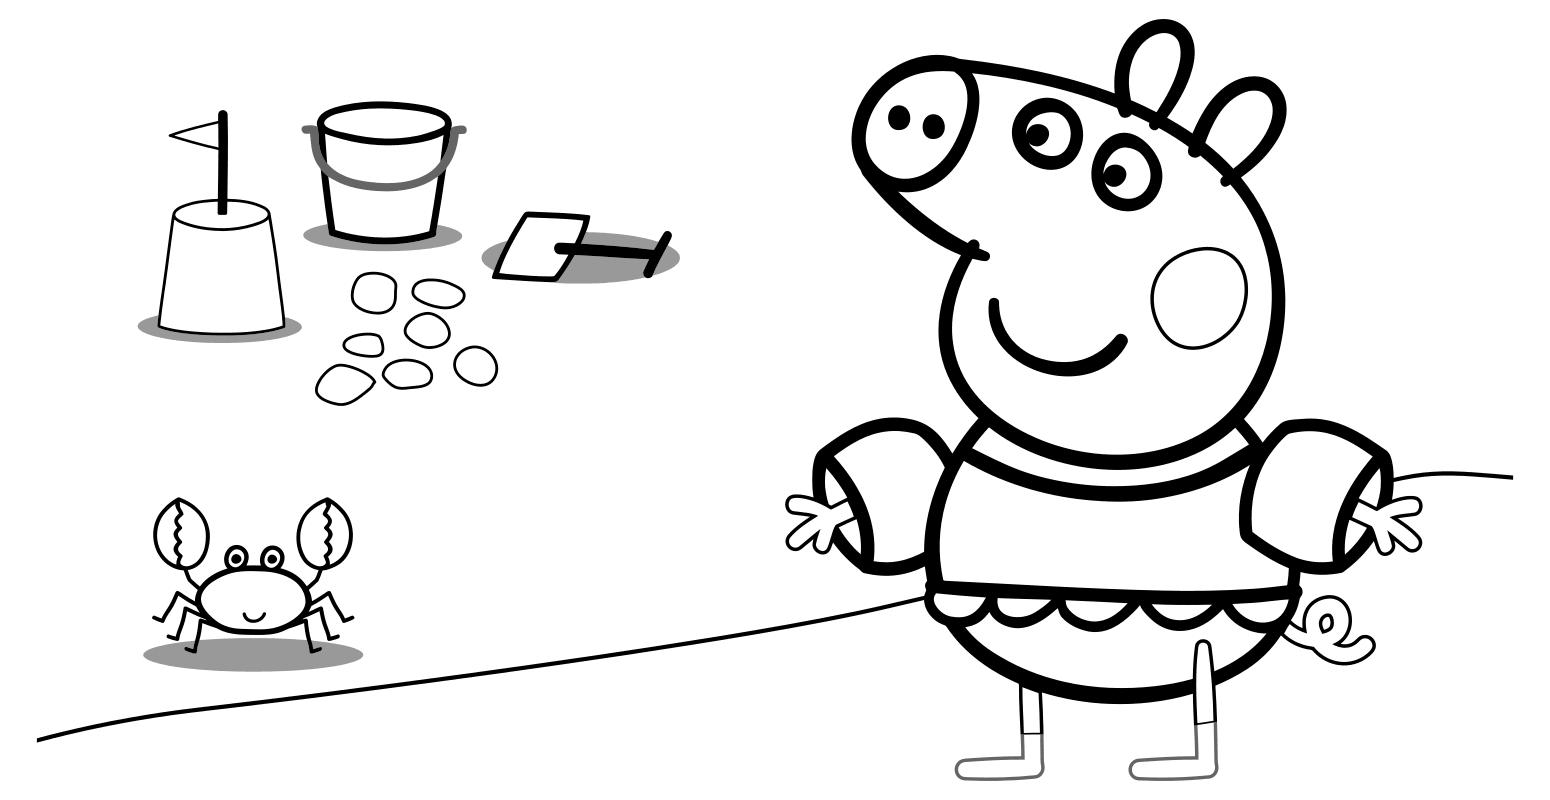 Раскраска - Свинка Пеппа - Свинка Пеппа зашла в воду ...